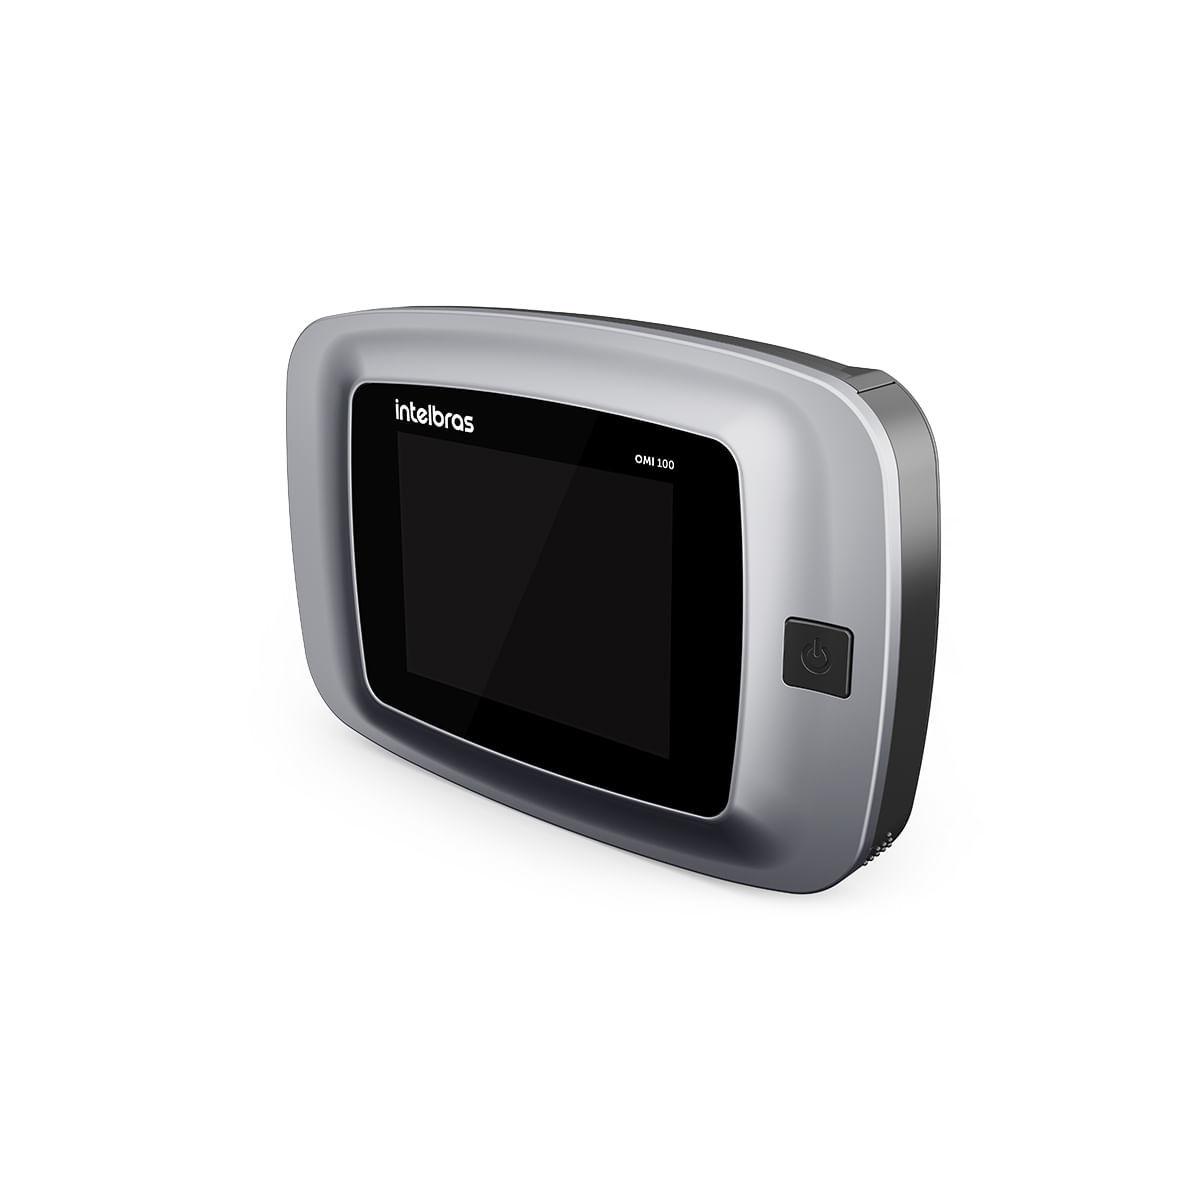 Olho Mágico Digital Intelbras OMI 100